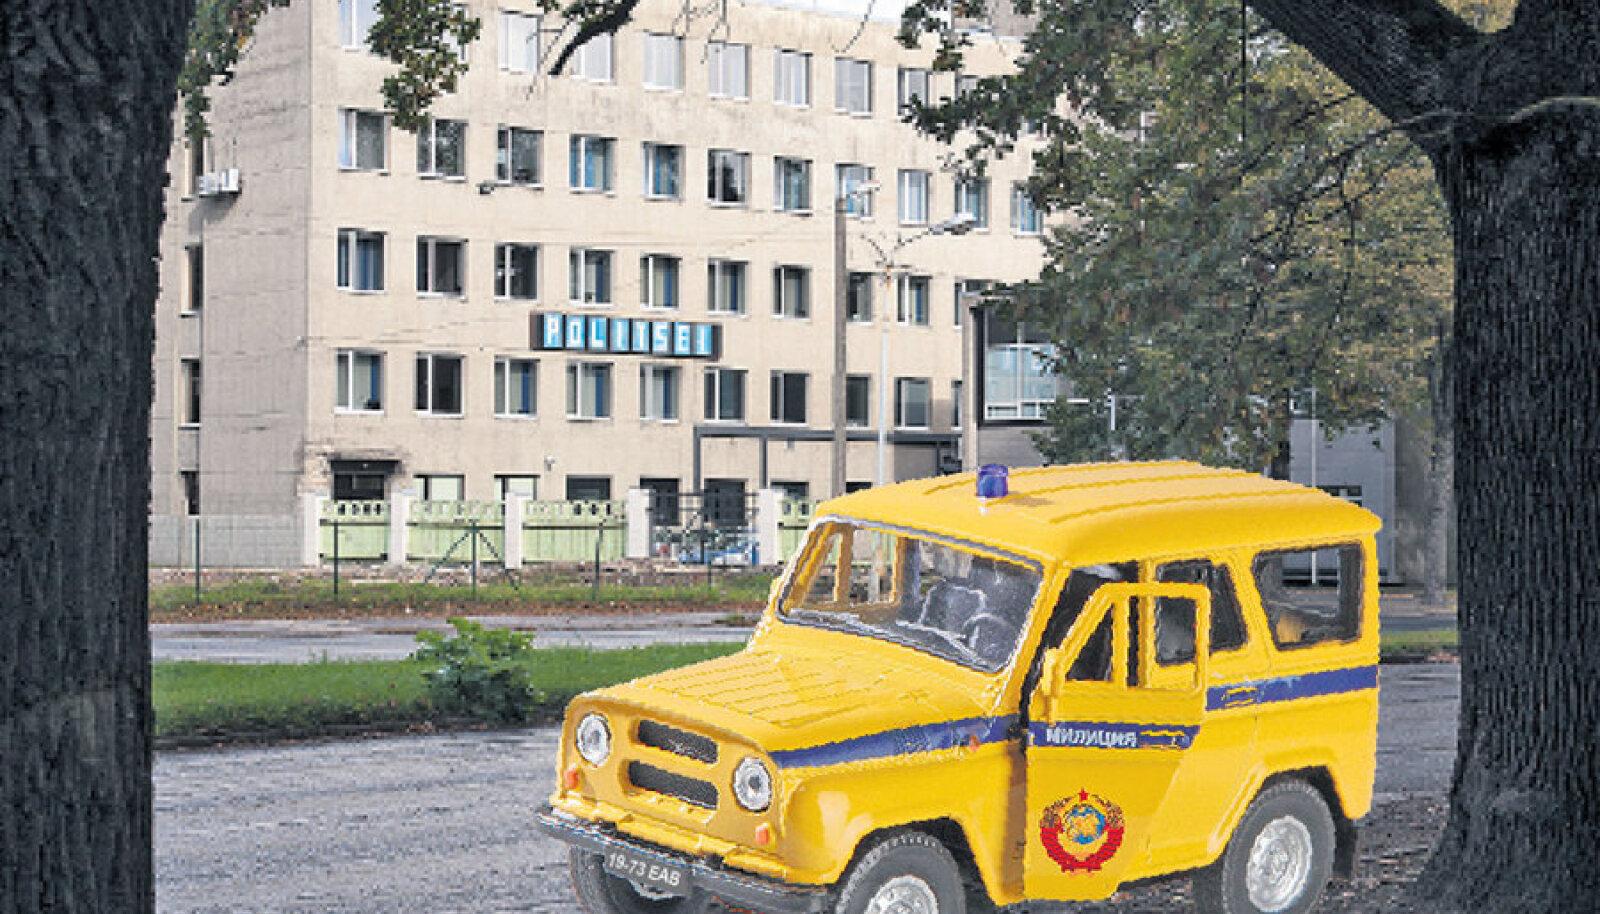 Pärnu miilitsamajas  asub praegu politsei.  1973. aastal viskasid  vihased noored puruks  selle maja 34 akent.